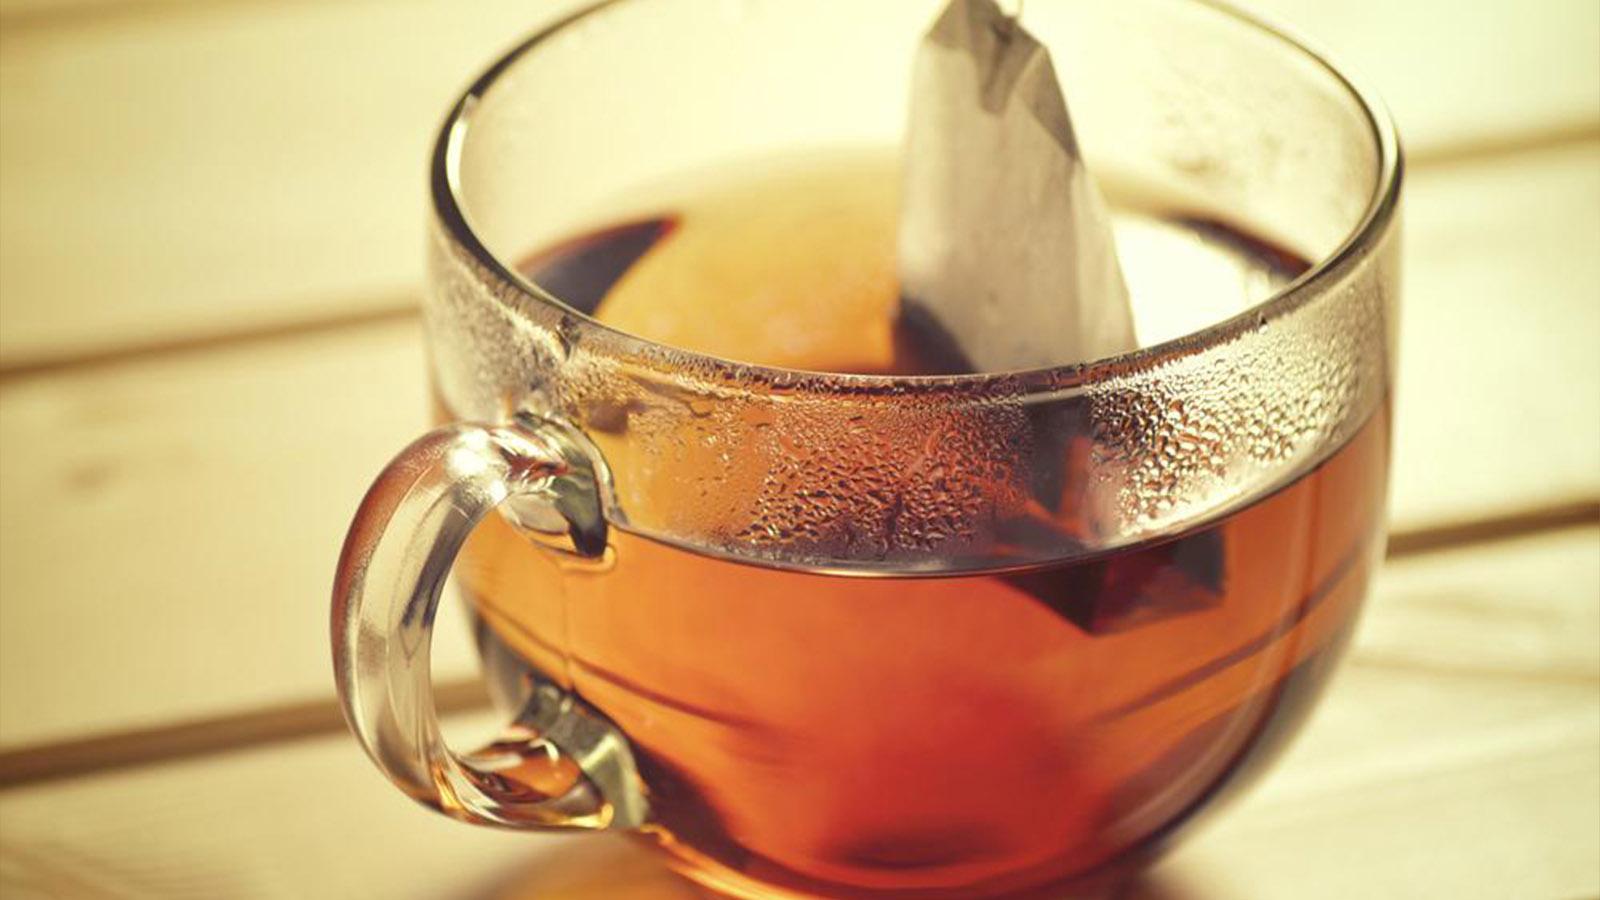 食事中に紅茶を飲むと脂肪の吸収を抑えてくれる!飲むだけで簡単。紅茶ダイエット